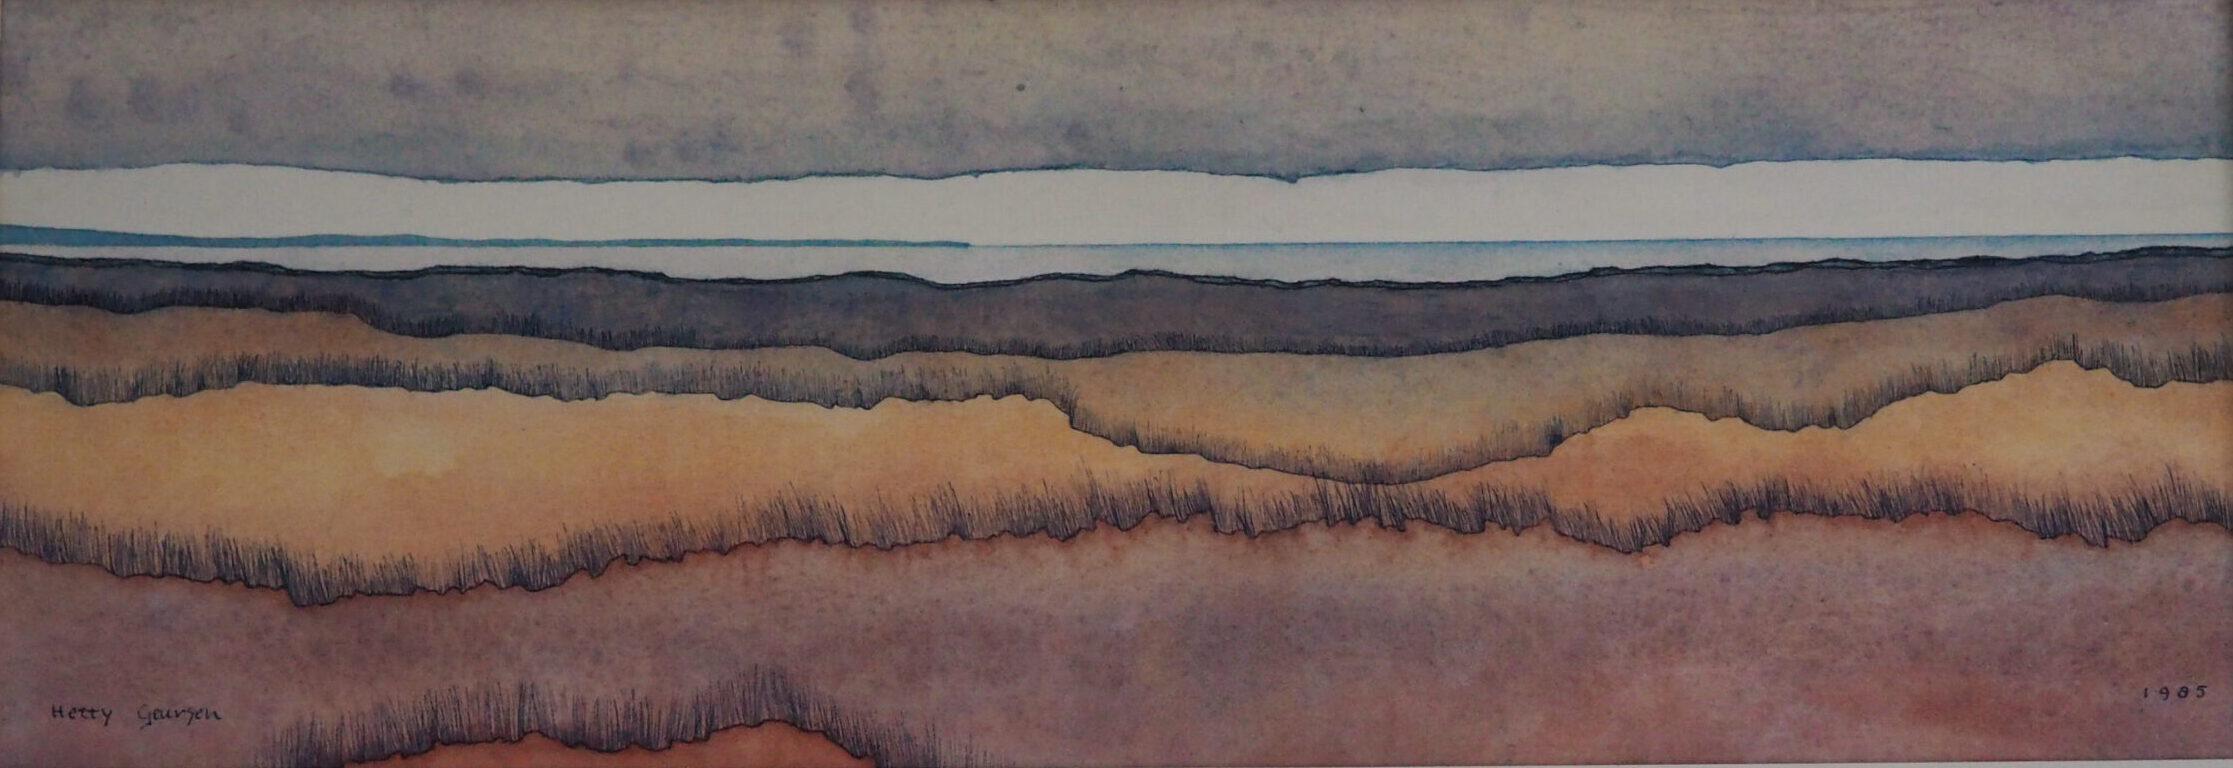 61.Hetty-Geursen_Duinen-en-zee_Monster-duinen